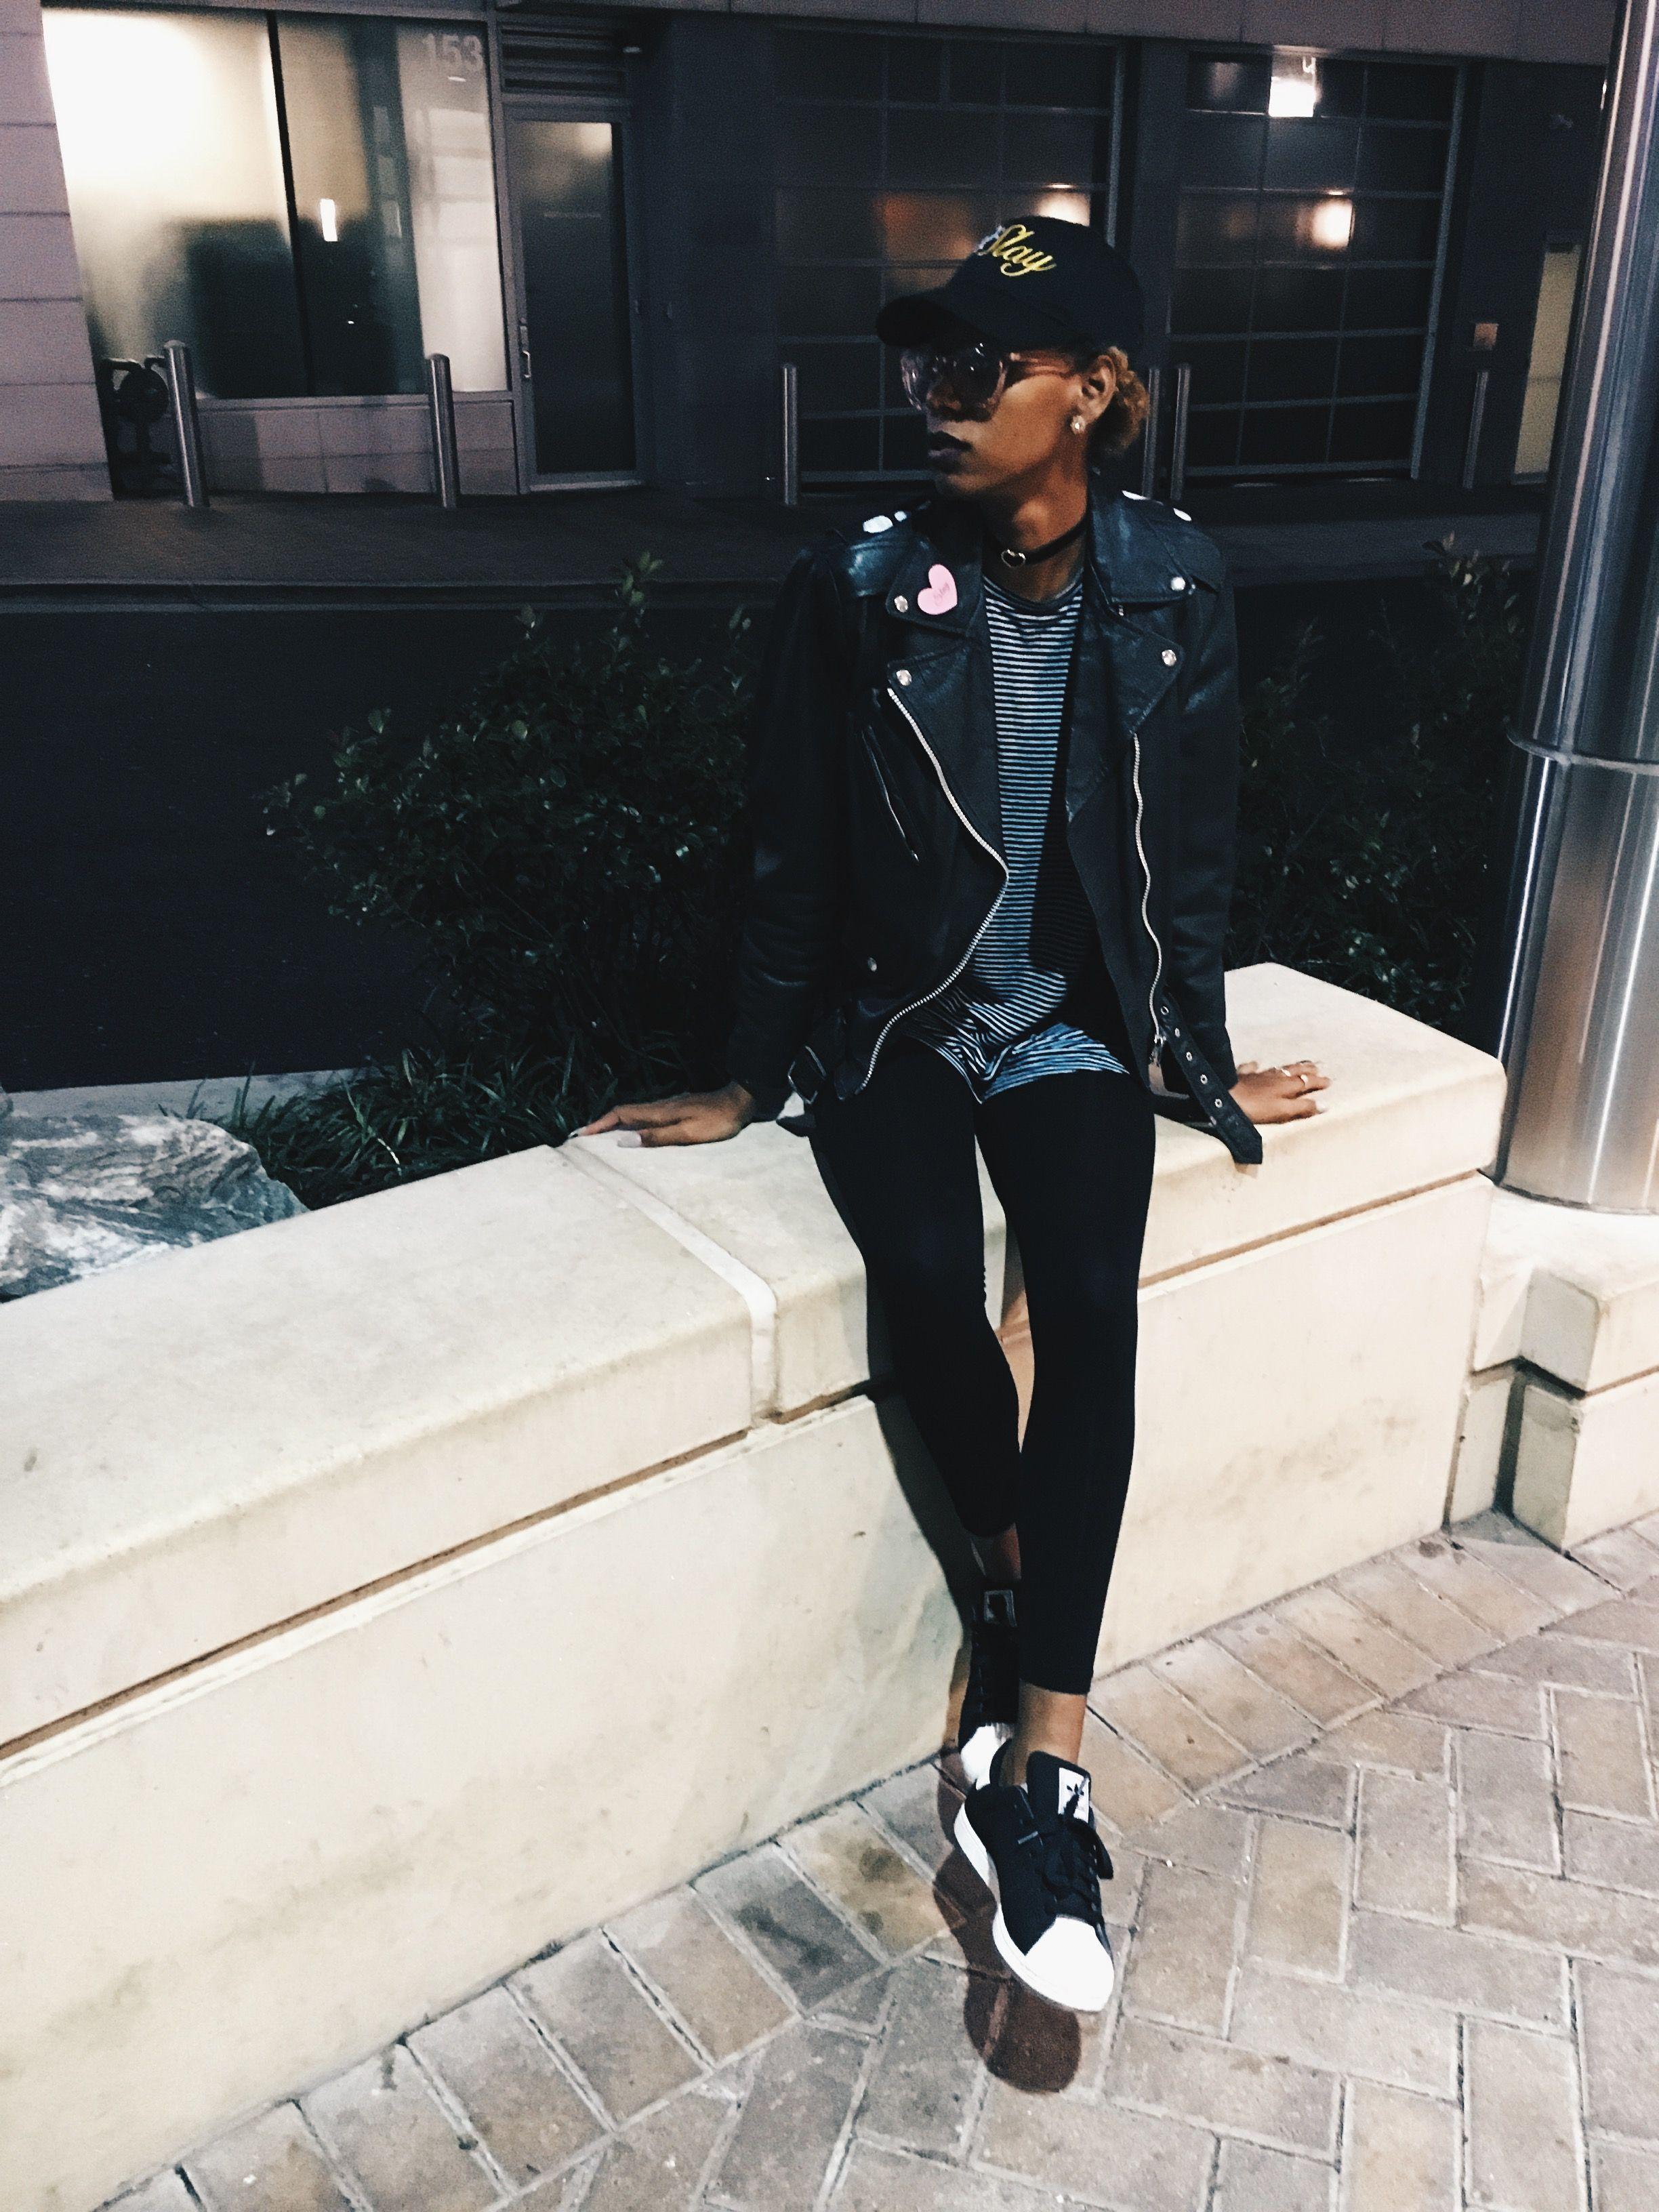 712e0f2b75 hot instagram dara 2ne1 adidas originals superstar womens shoes 79.99 8ffa8  bb983  cheap all black outfit mood slay hat by me adidas superstar instagram  ...